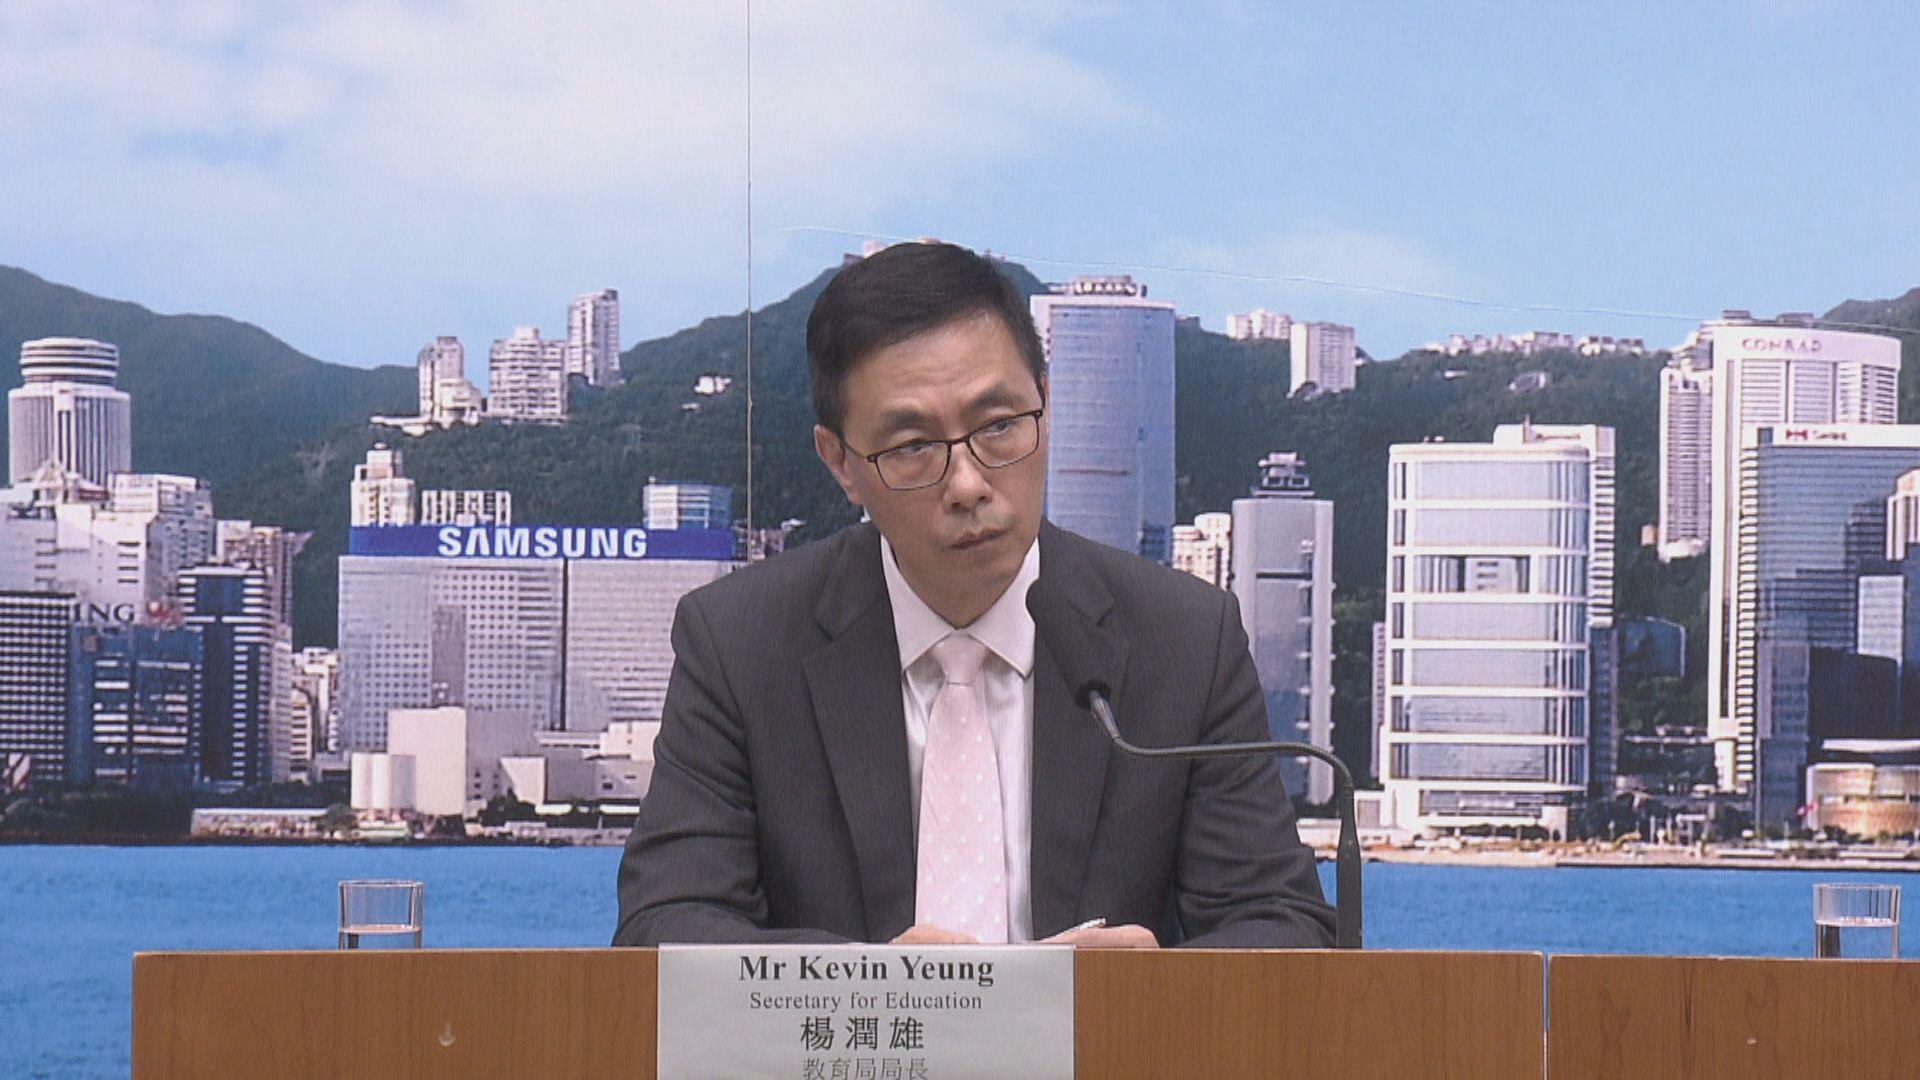 楊潤雄︰教育局嚴厲譴責校園欺凌行為